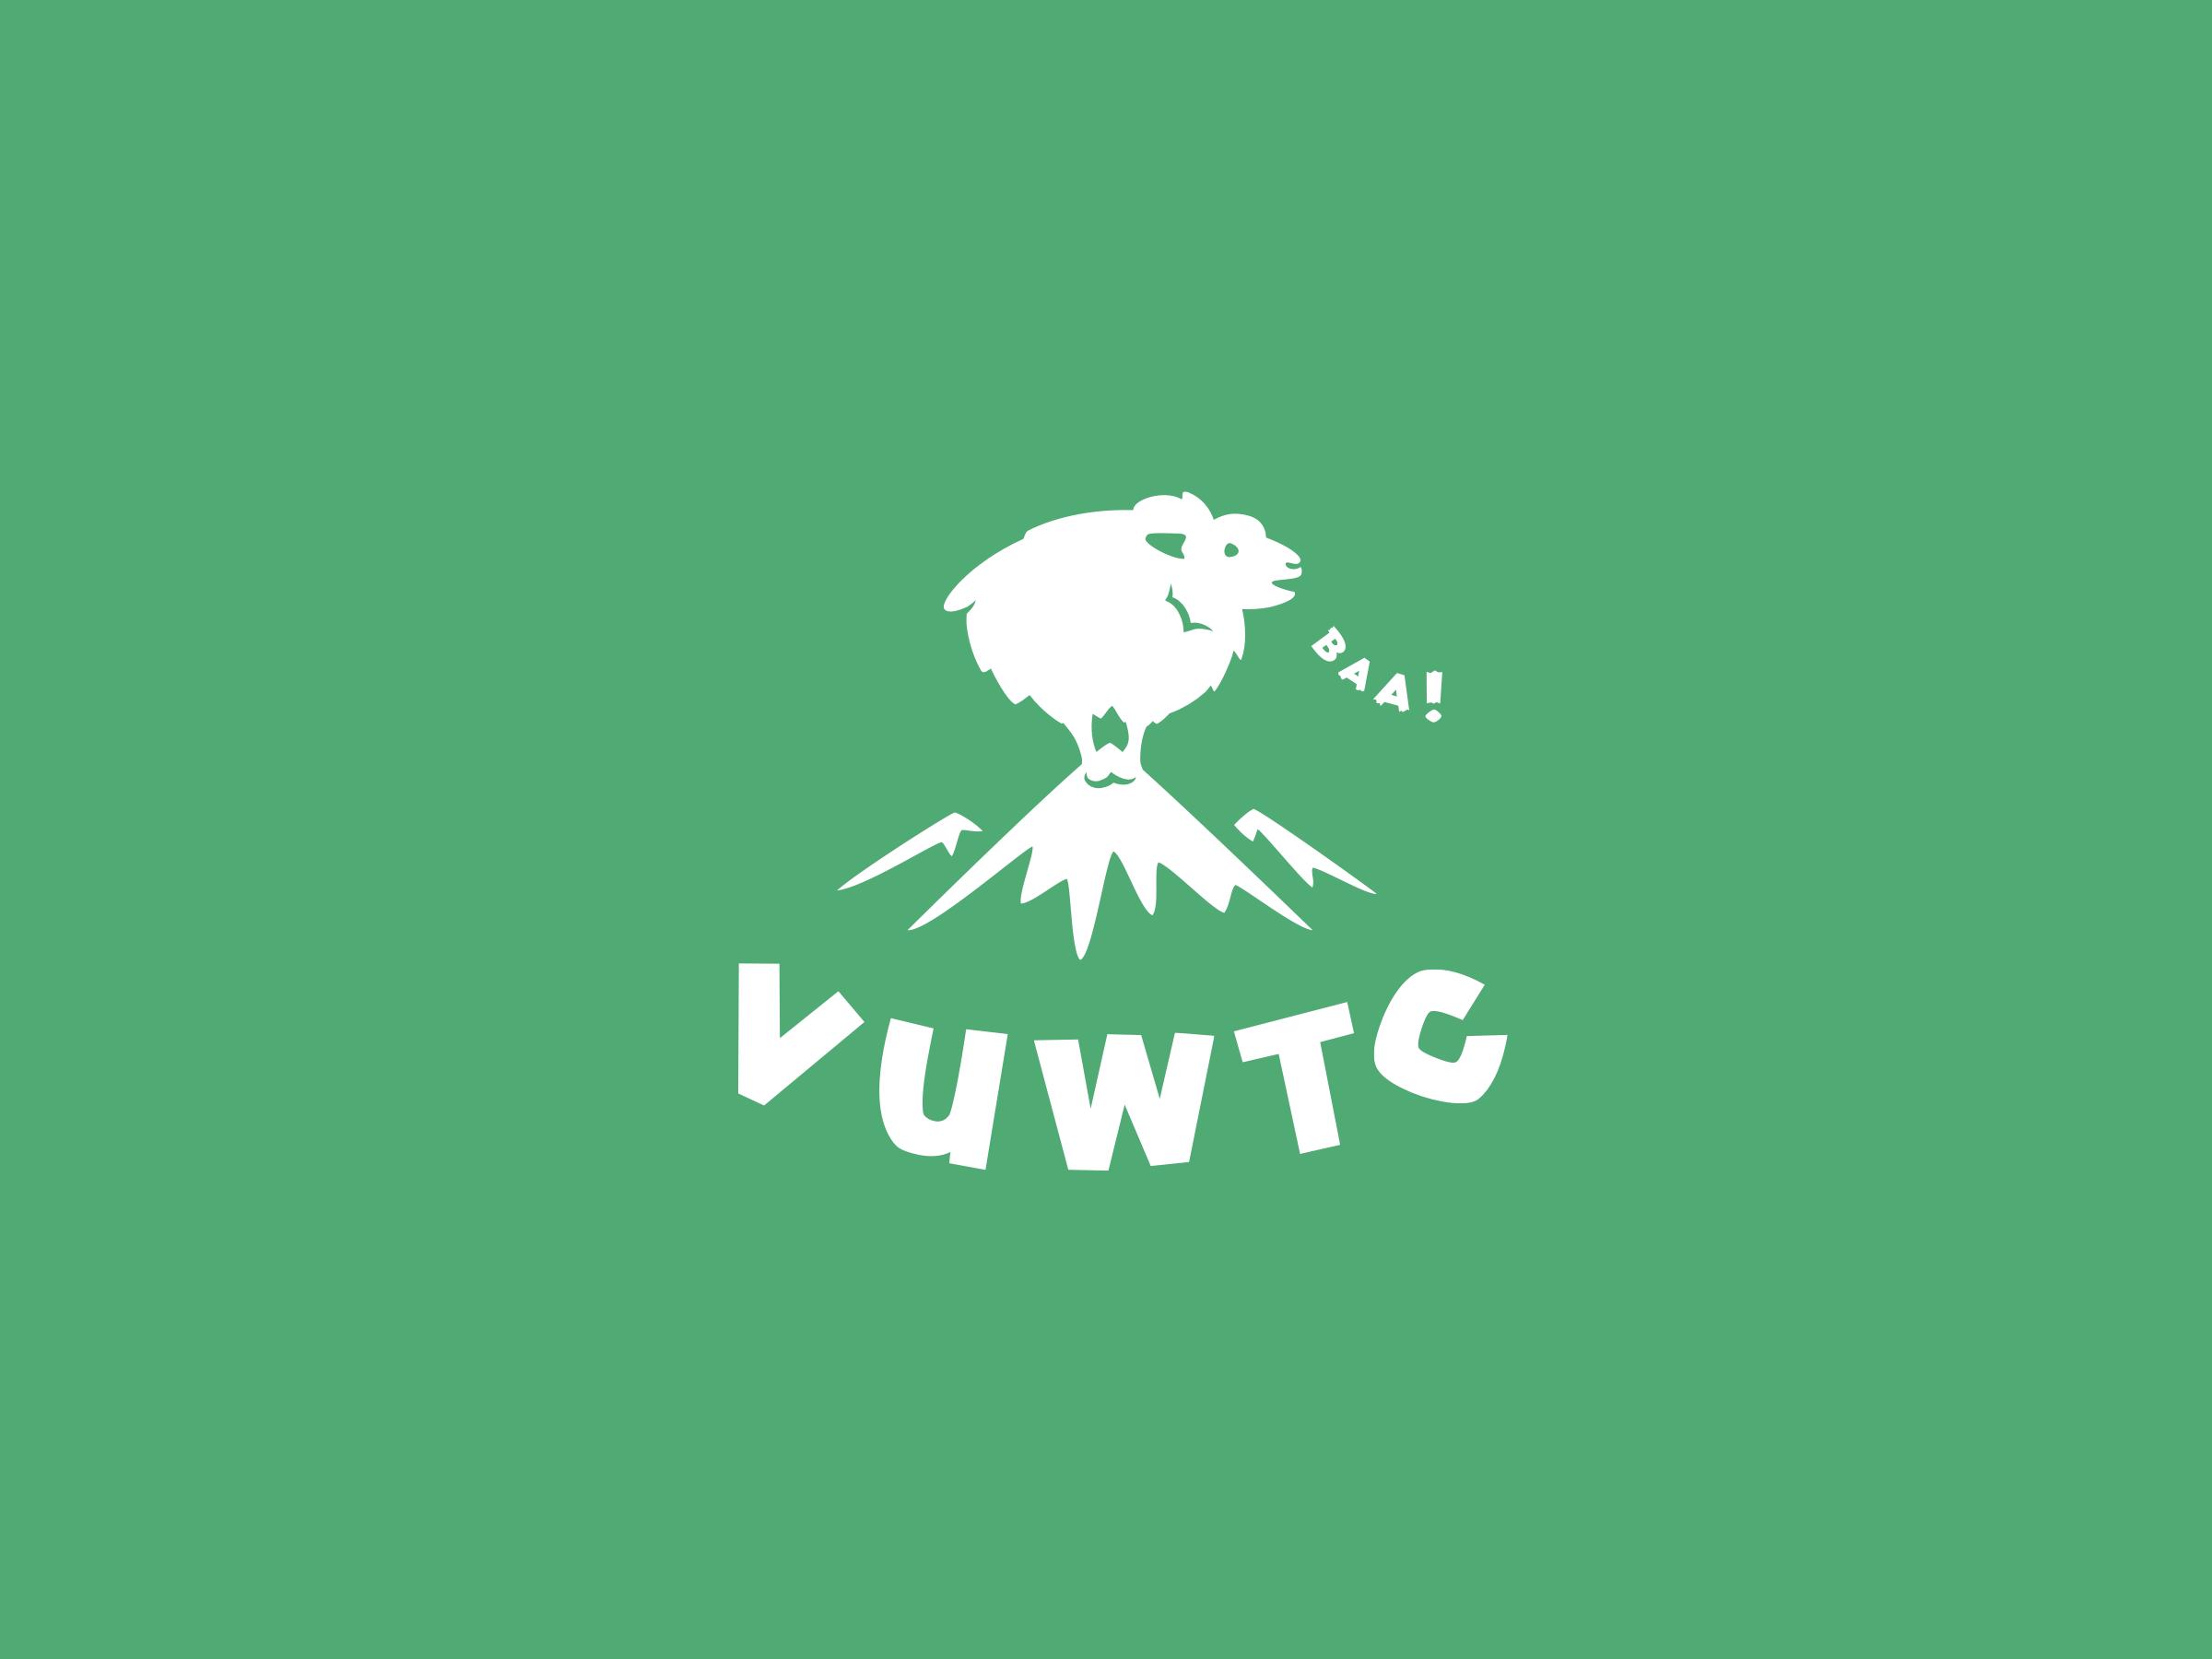 Vuwtc large